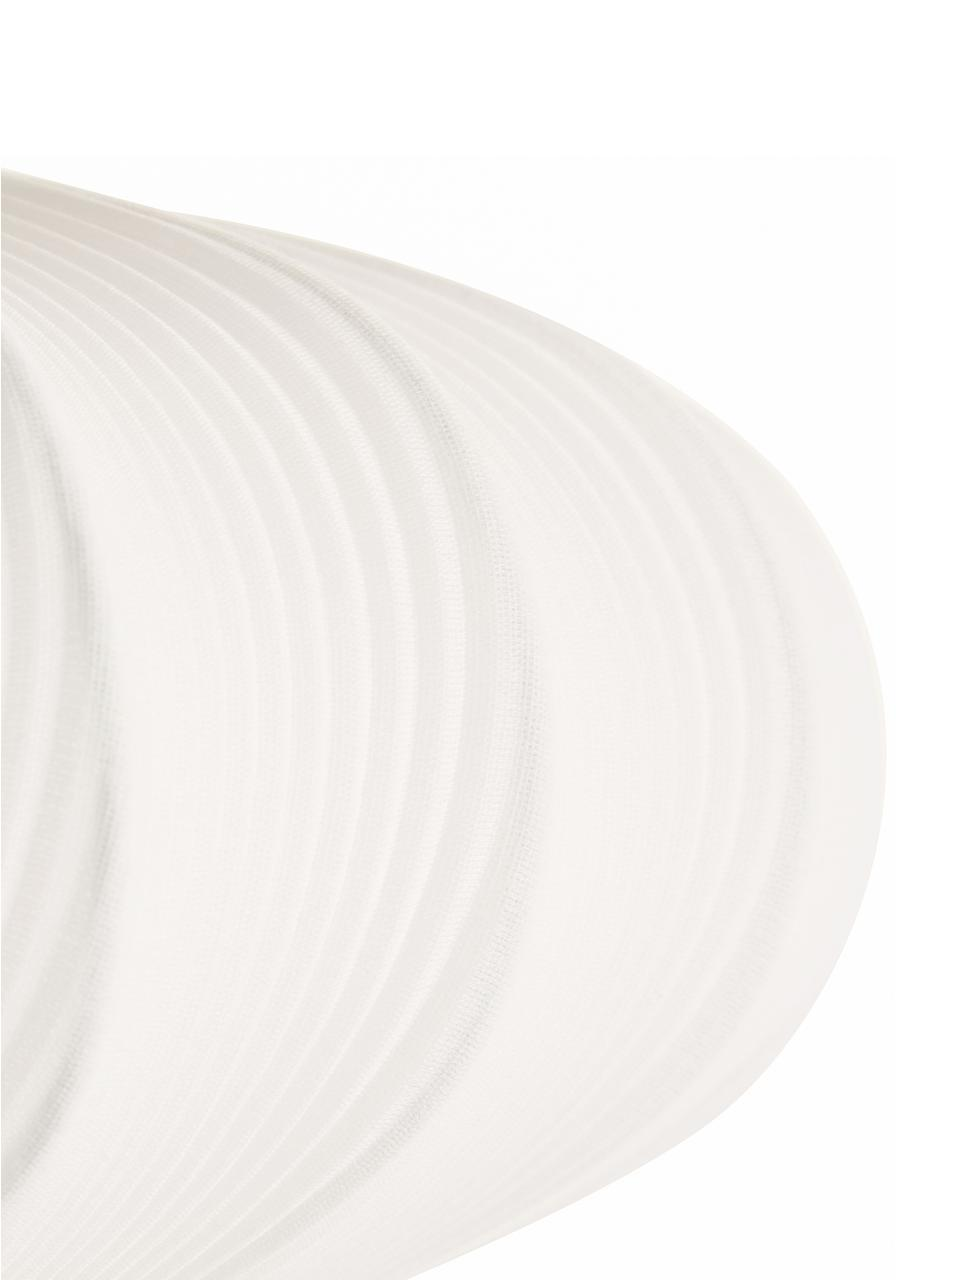 Plafonnier boule Mamsell, Blanc